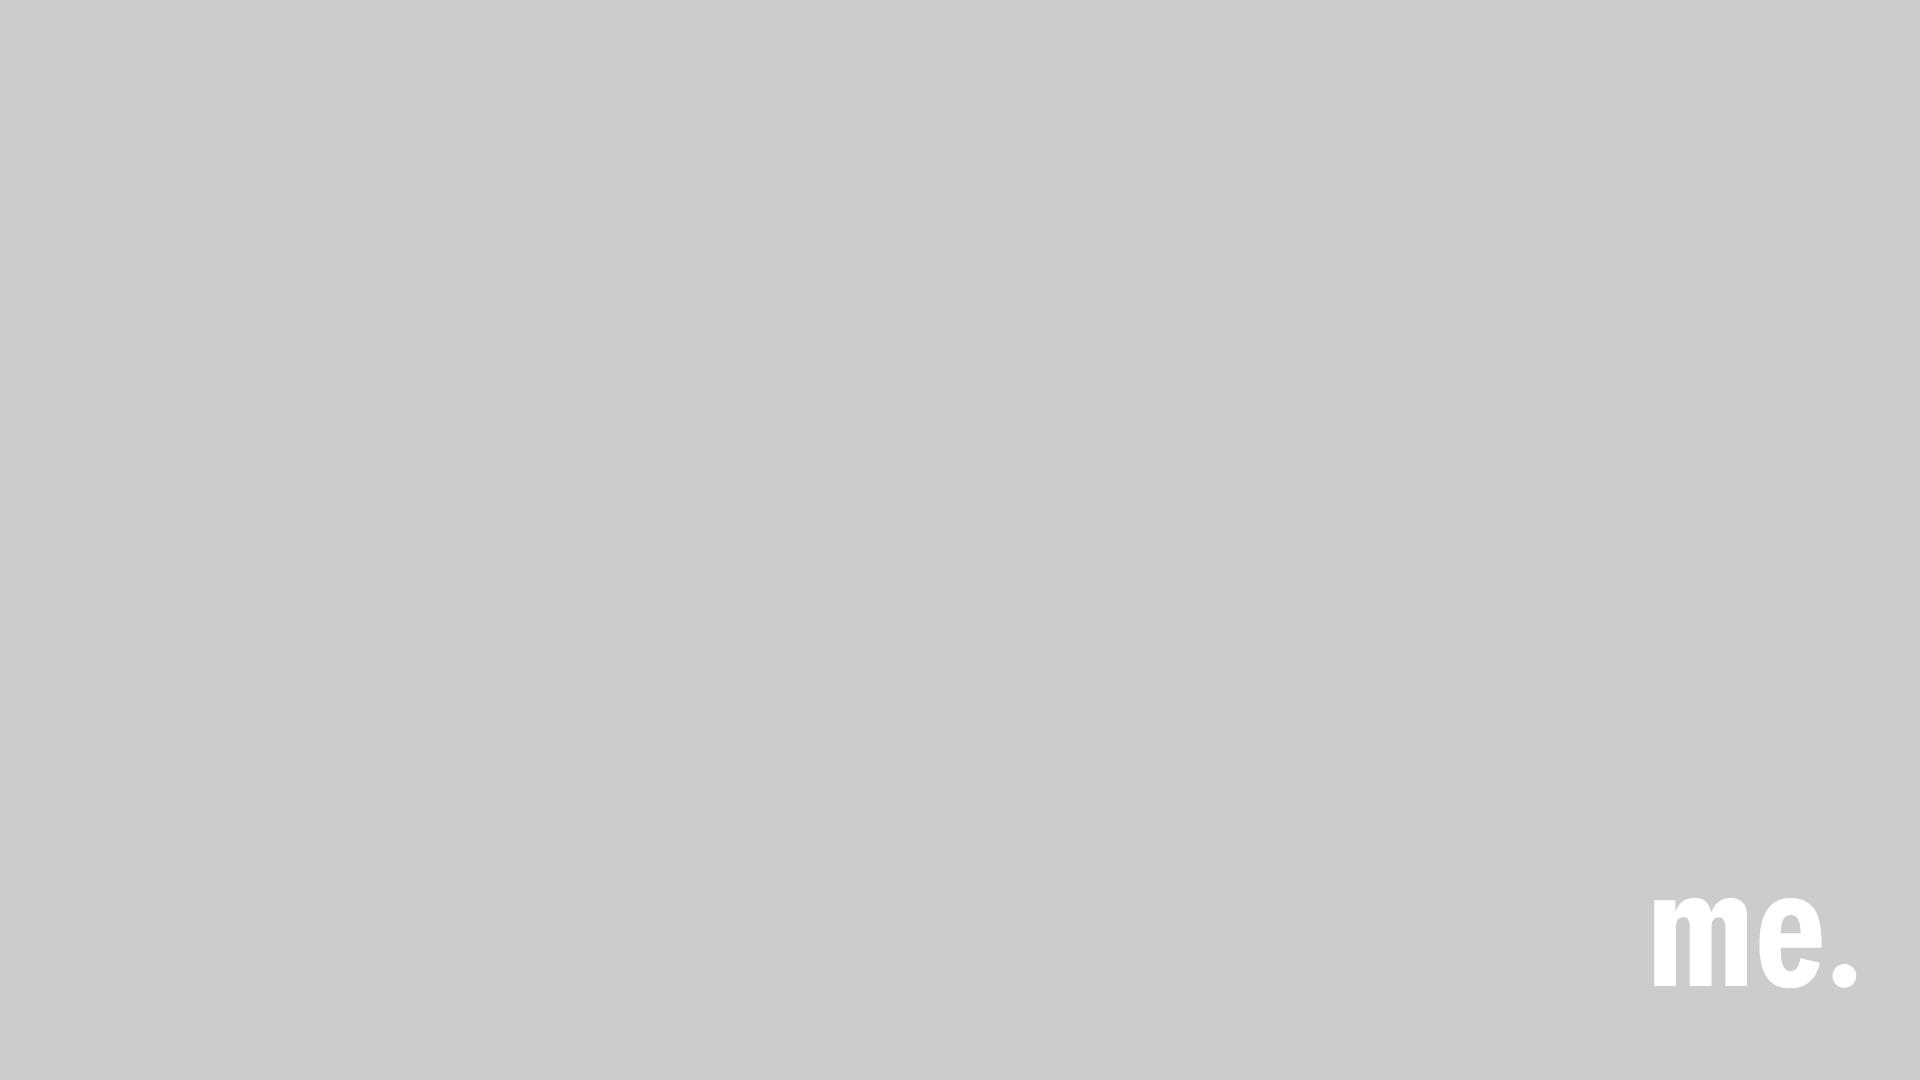 Da strahlt wer über beide Hamsterbäckchen: Platz 24 für Michael Bublé mit $34 Millionen